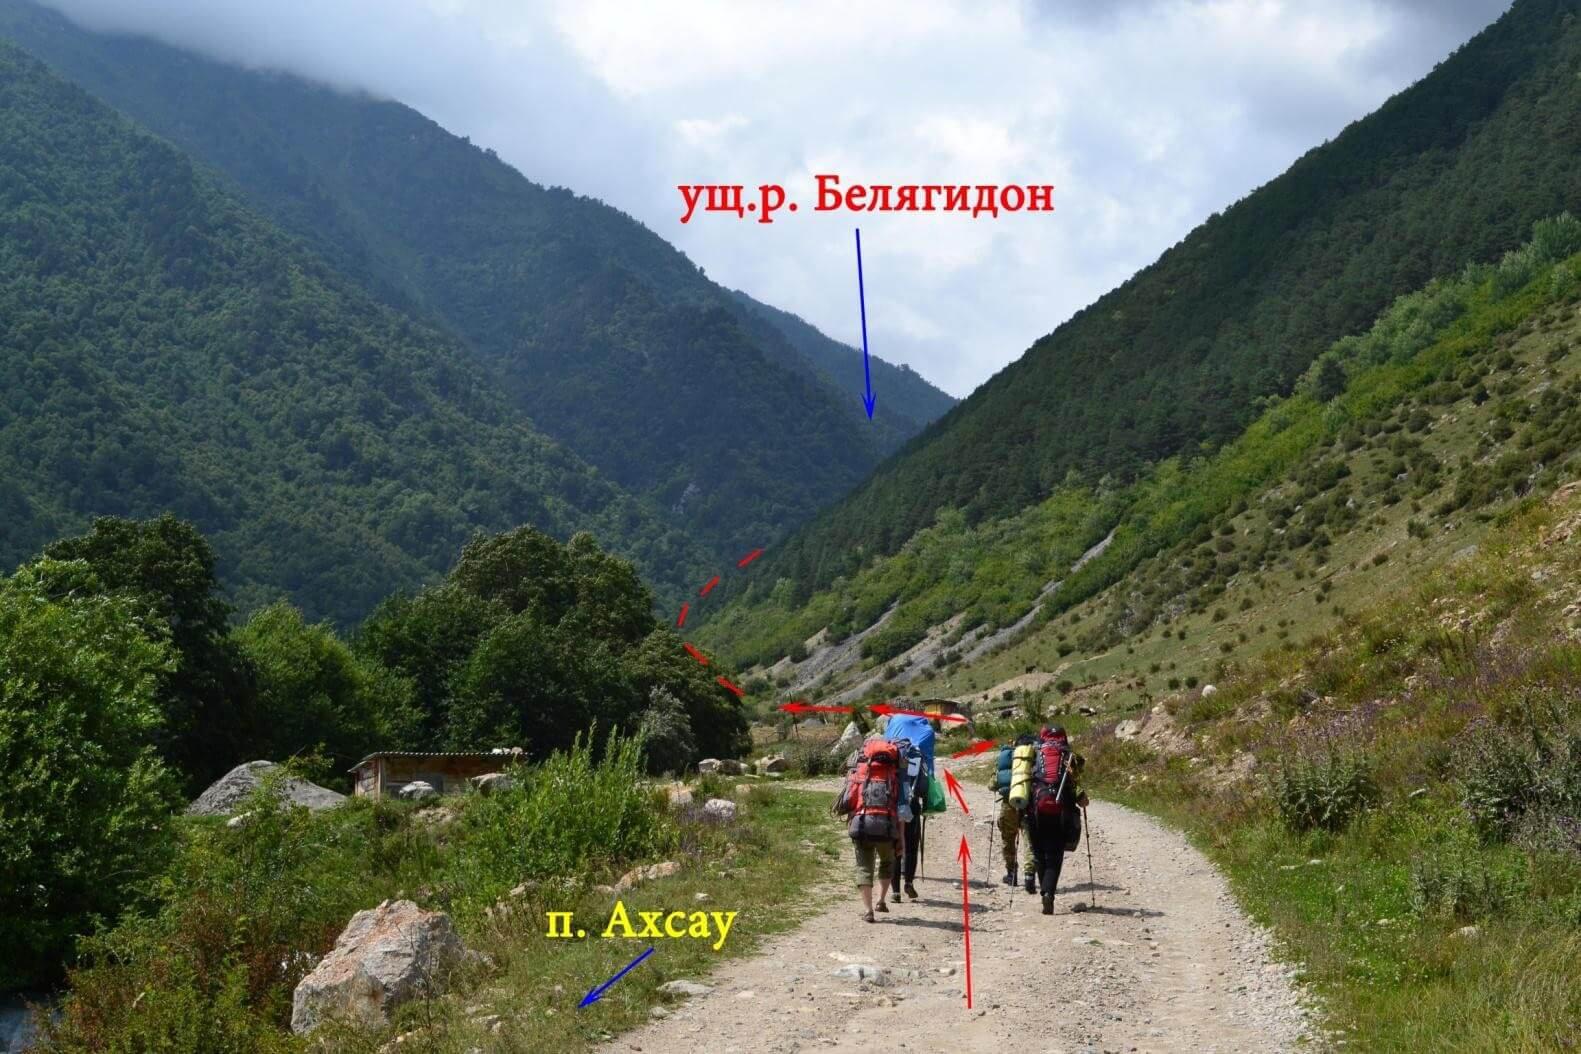 Отчет о горном спортивном походе 2 к.с. по Северной Осетии (Дигория)